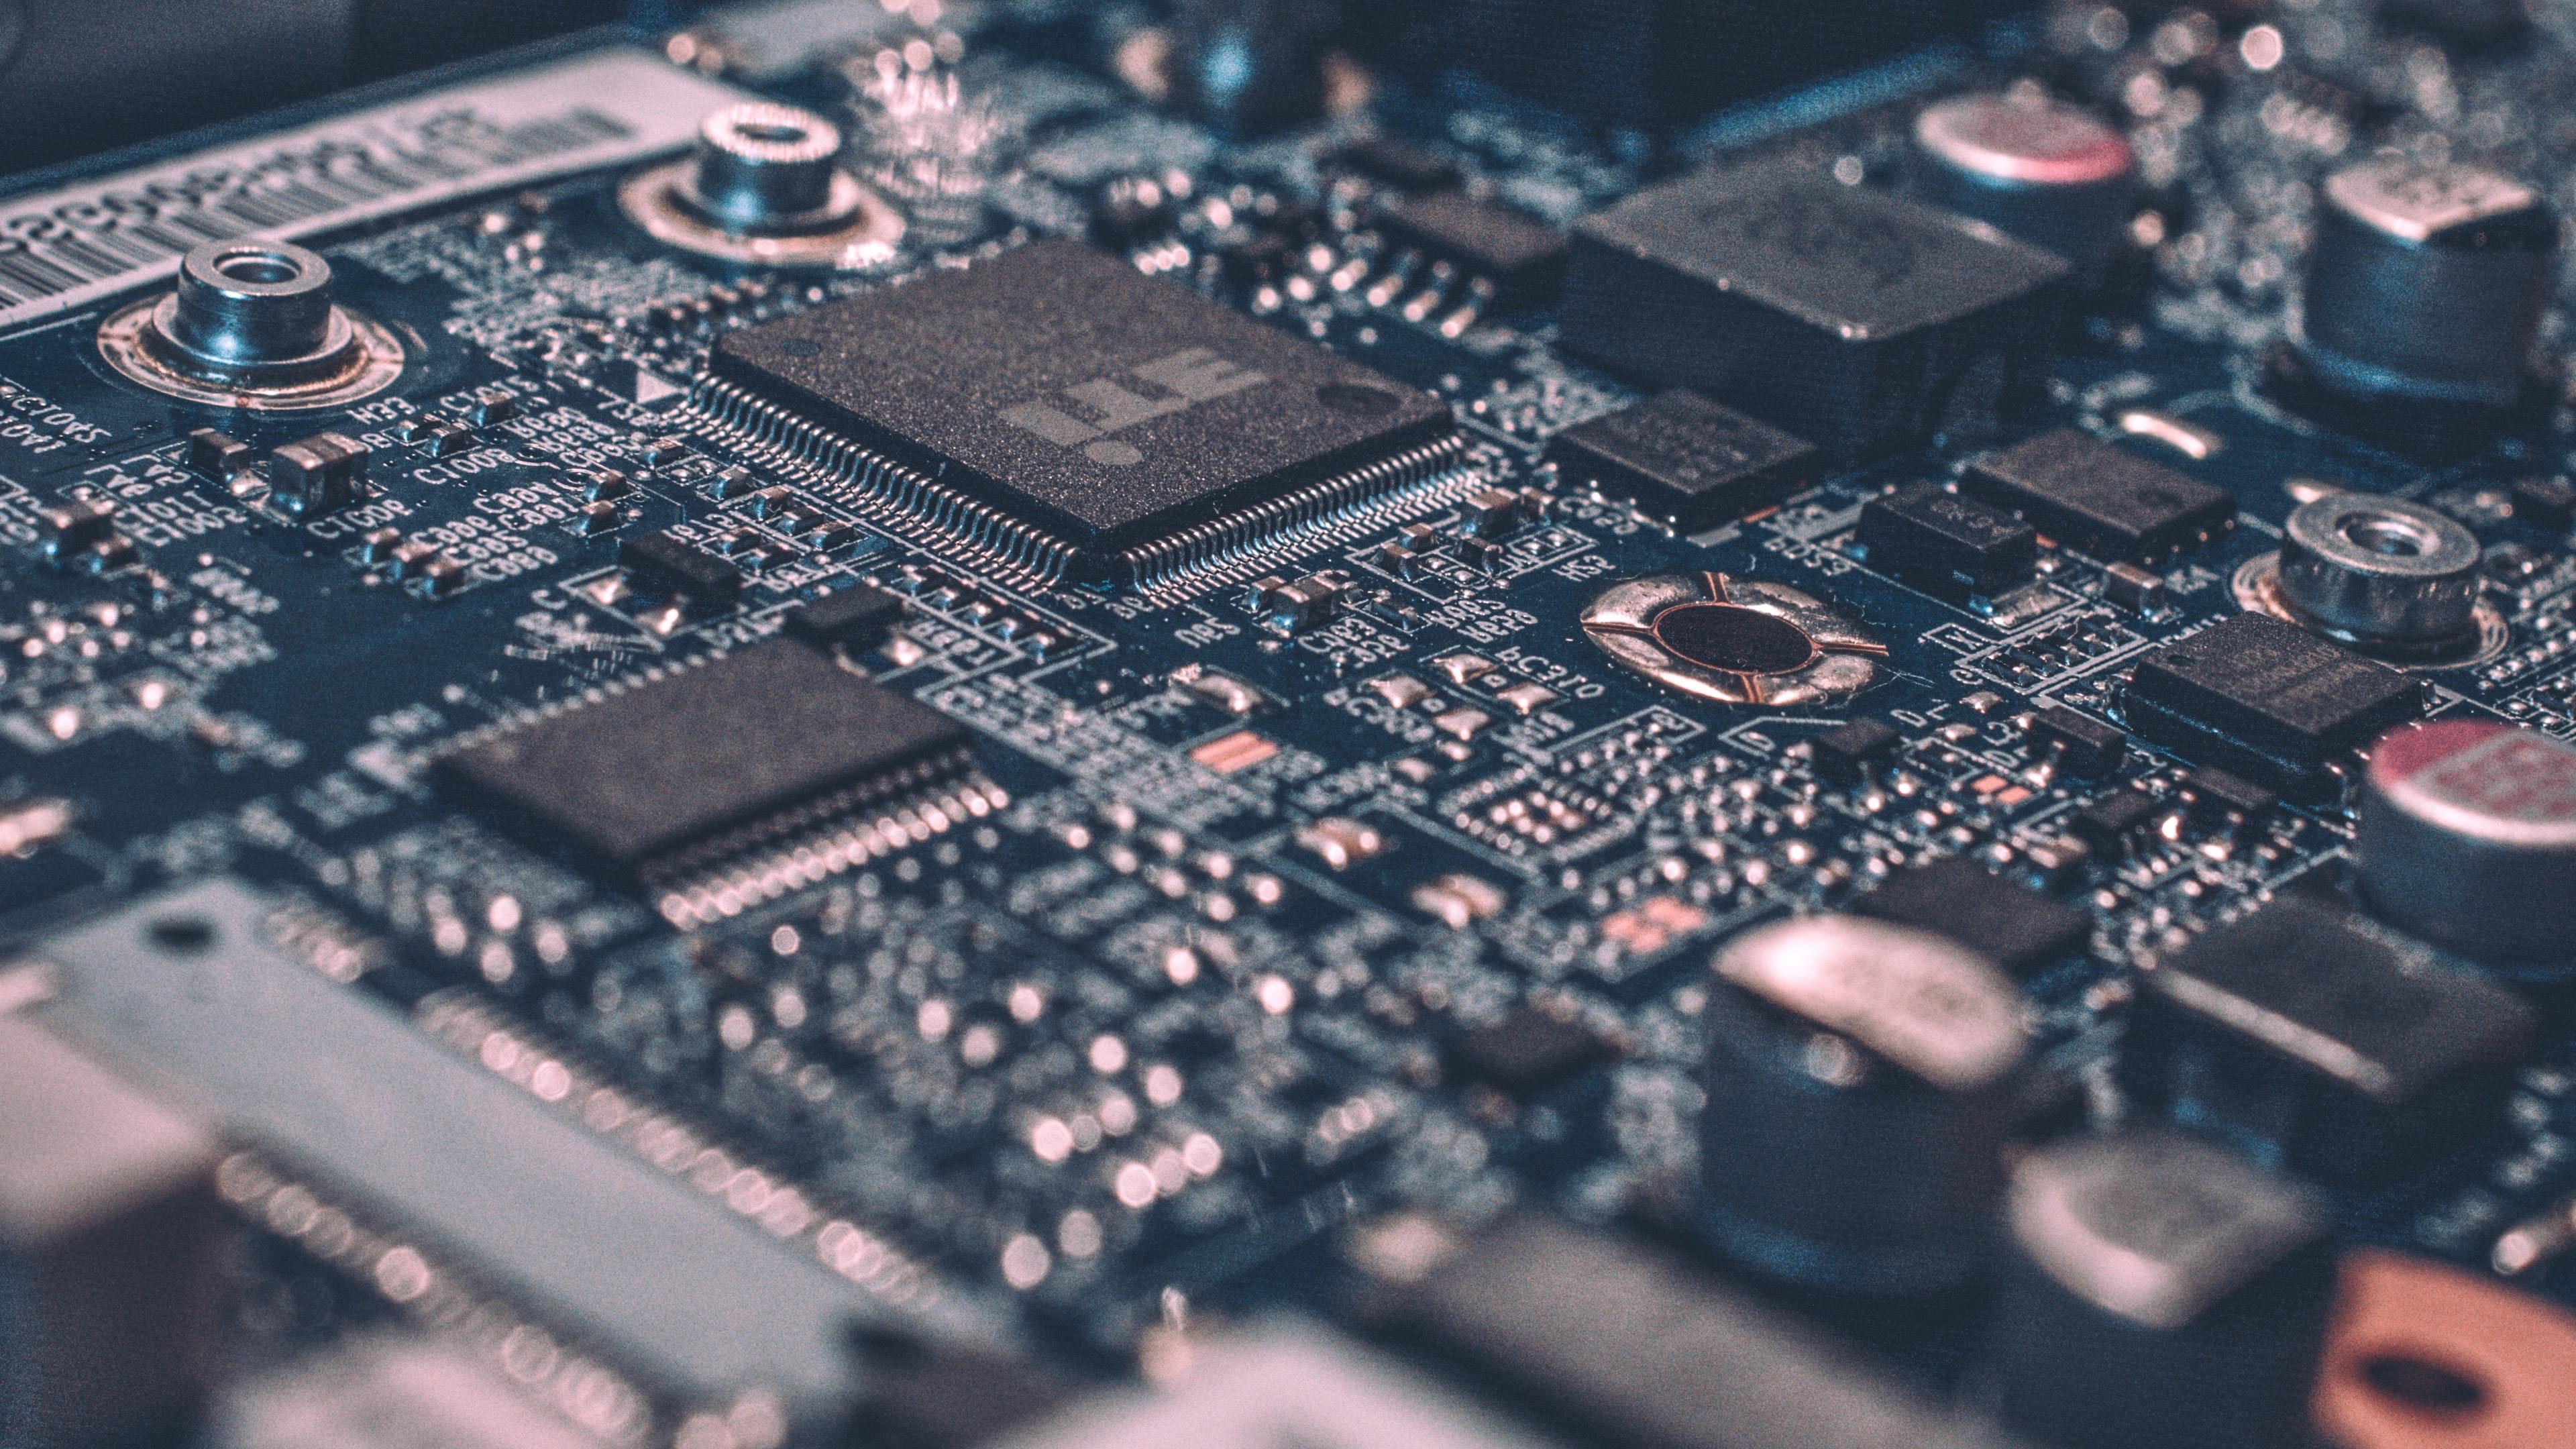 「芯耀辉」完成两轮超4亿元融资,加速先进工艺芯片IP研发